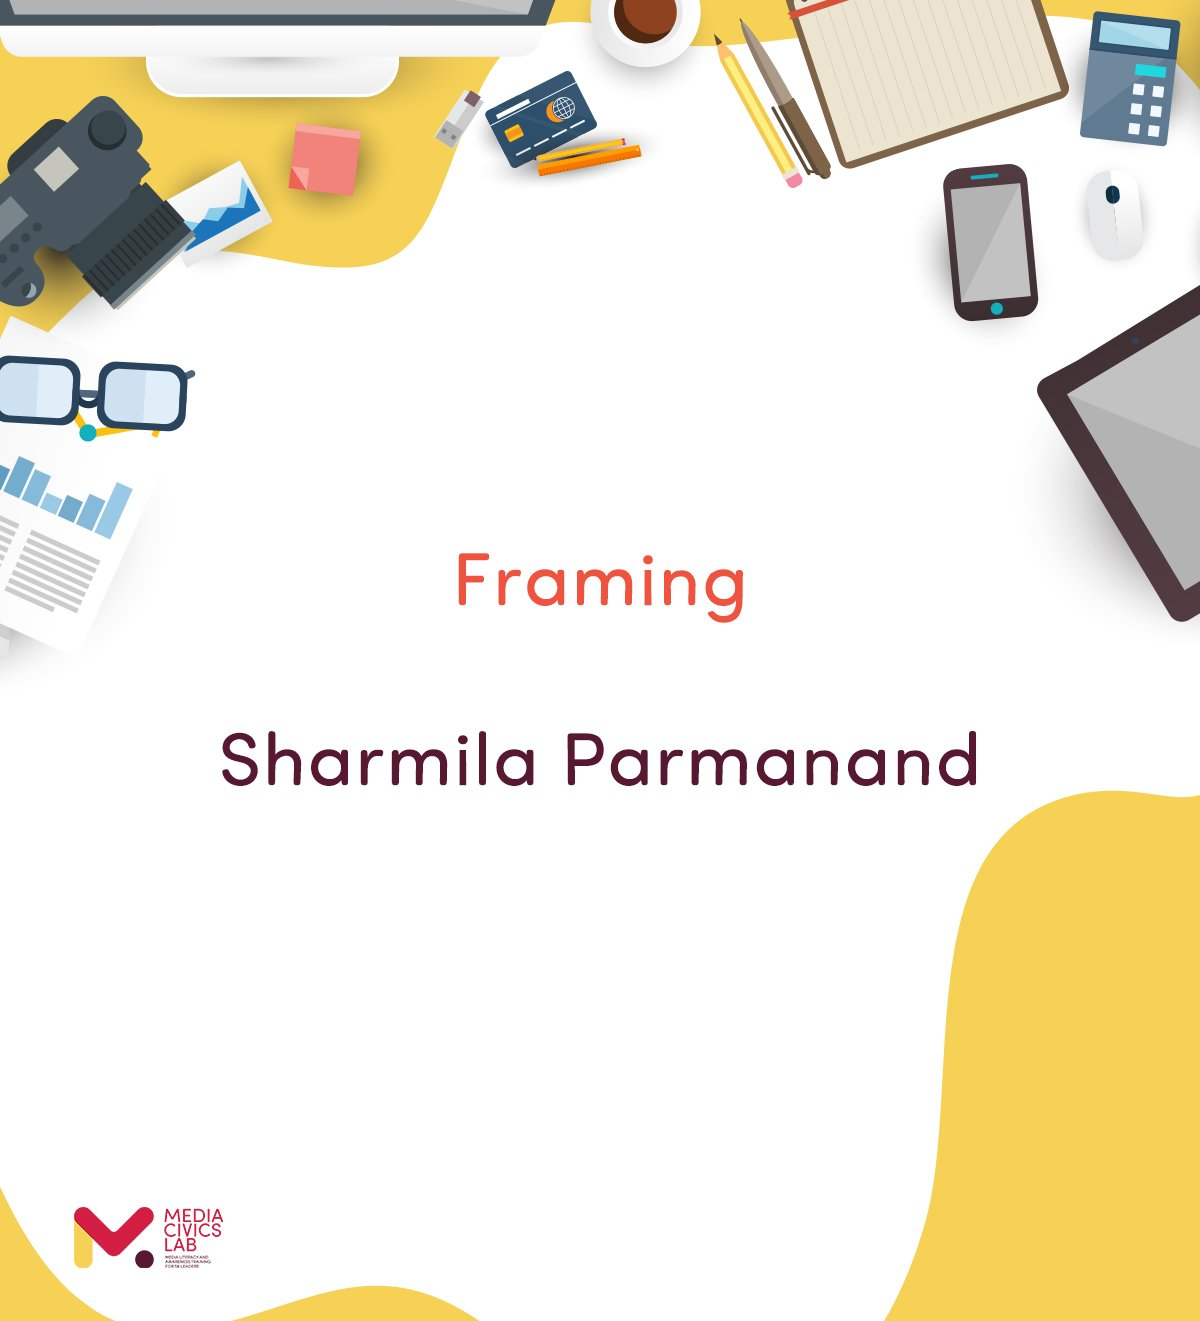 c. Framing – Sharmila Parmanand